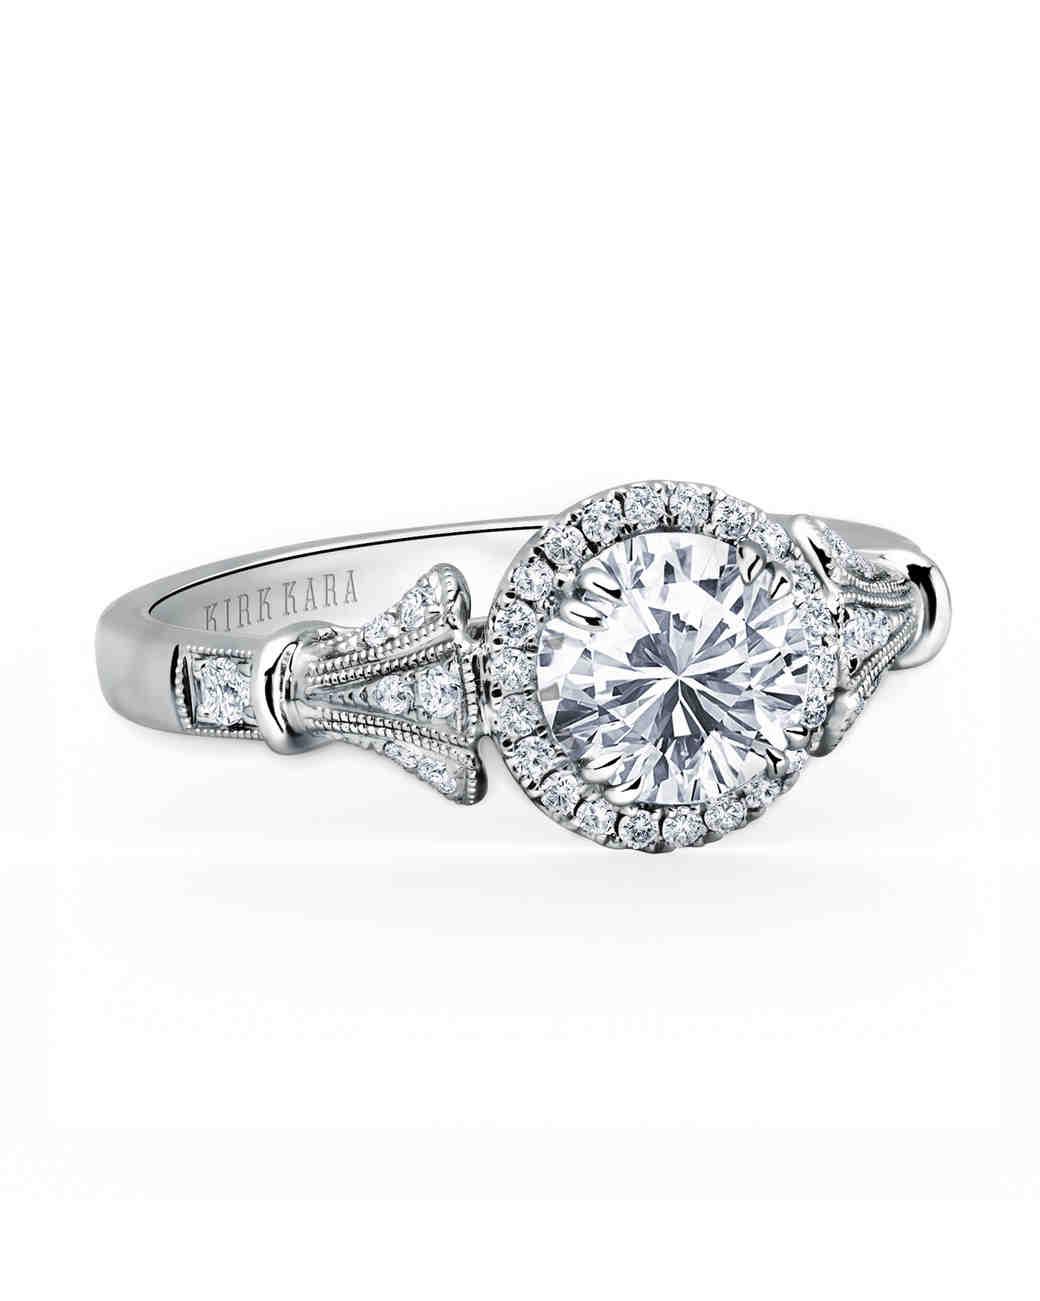 Kirk Kara White Gold Engagement Ring